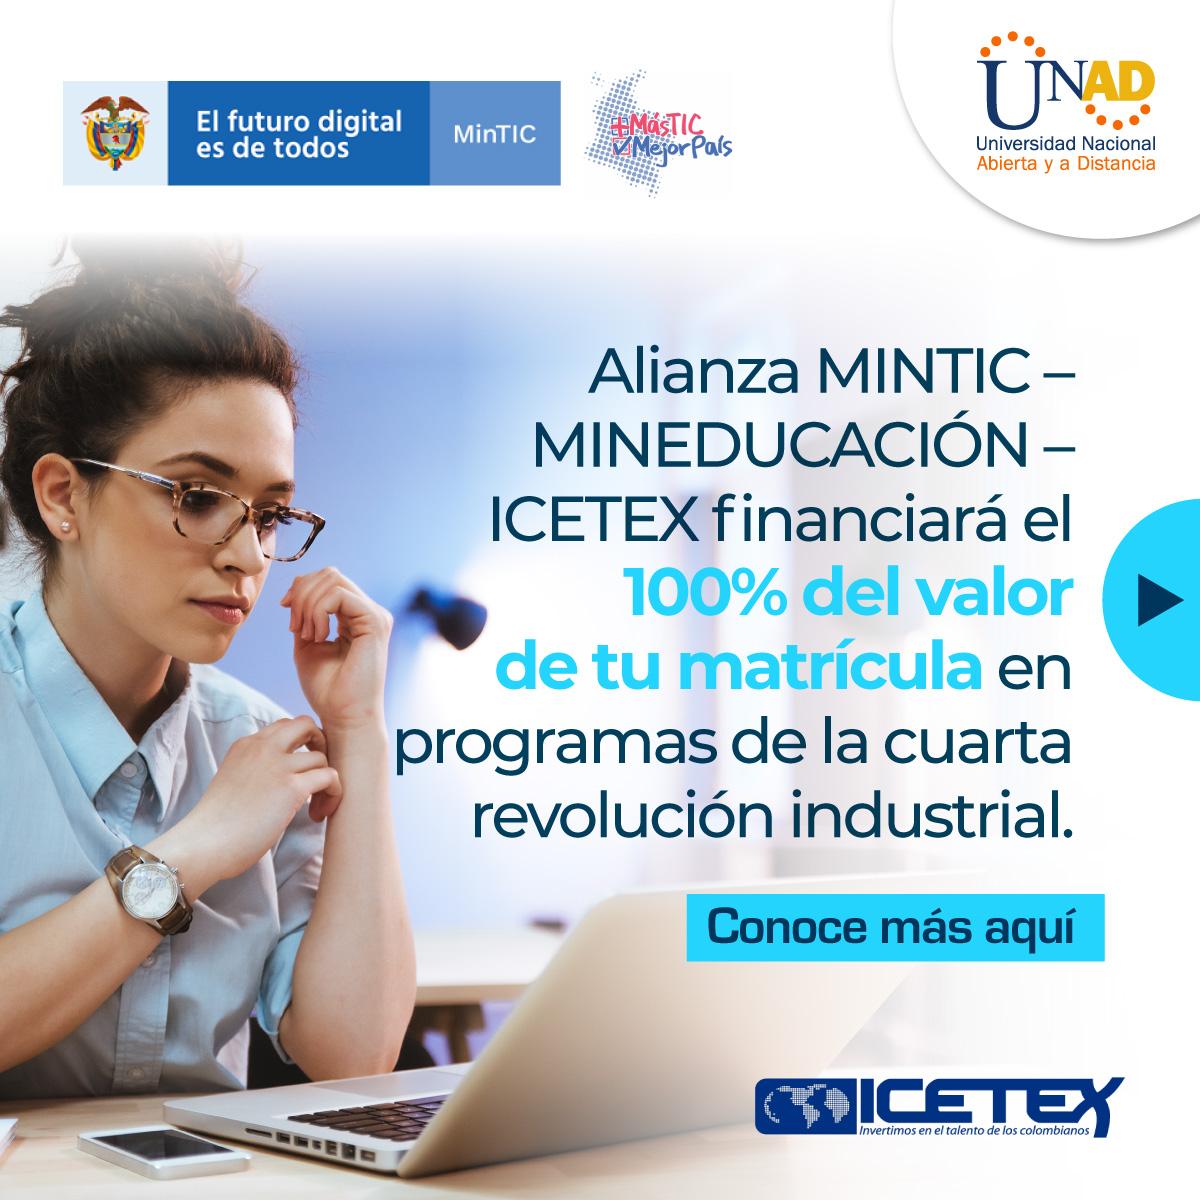 AlianzaMINTIC Icetex